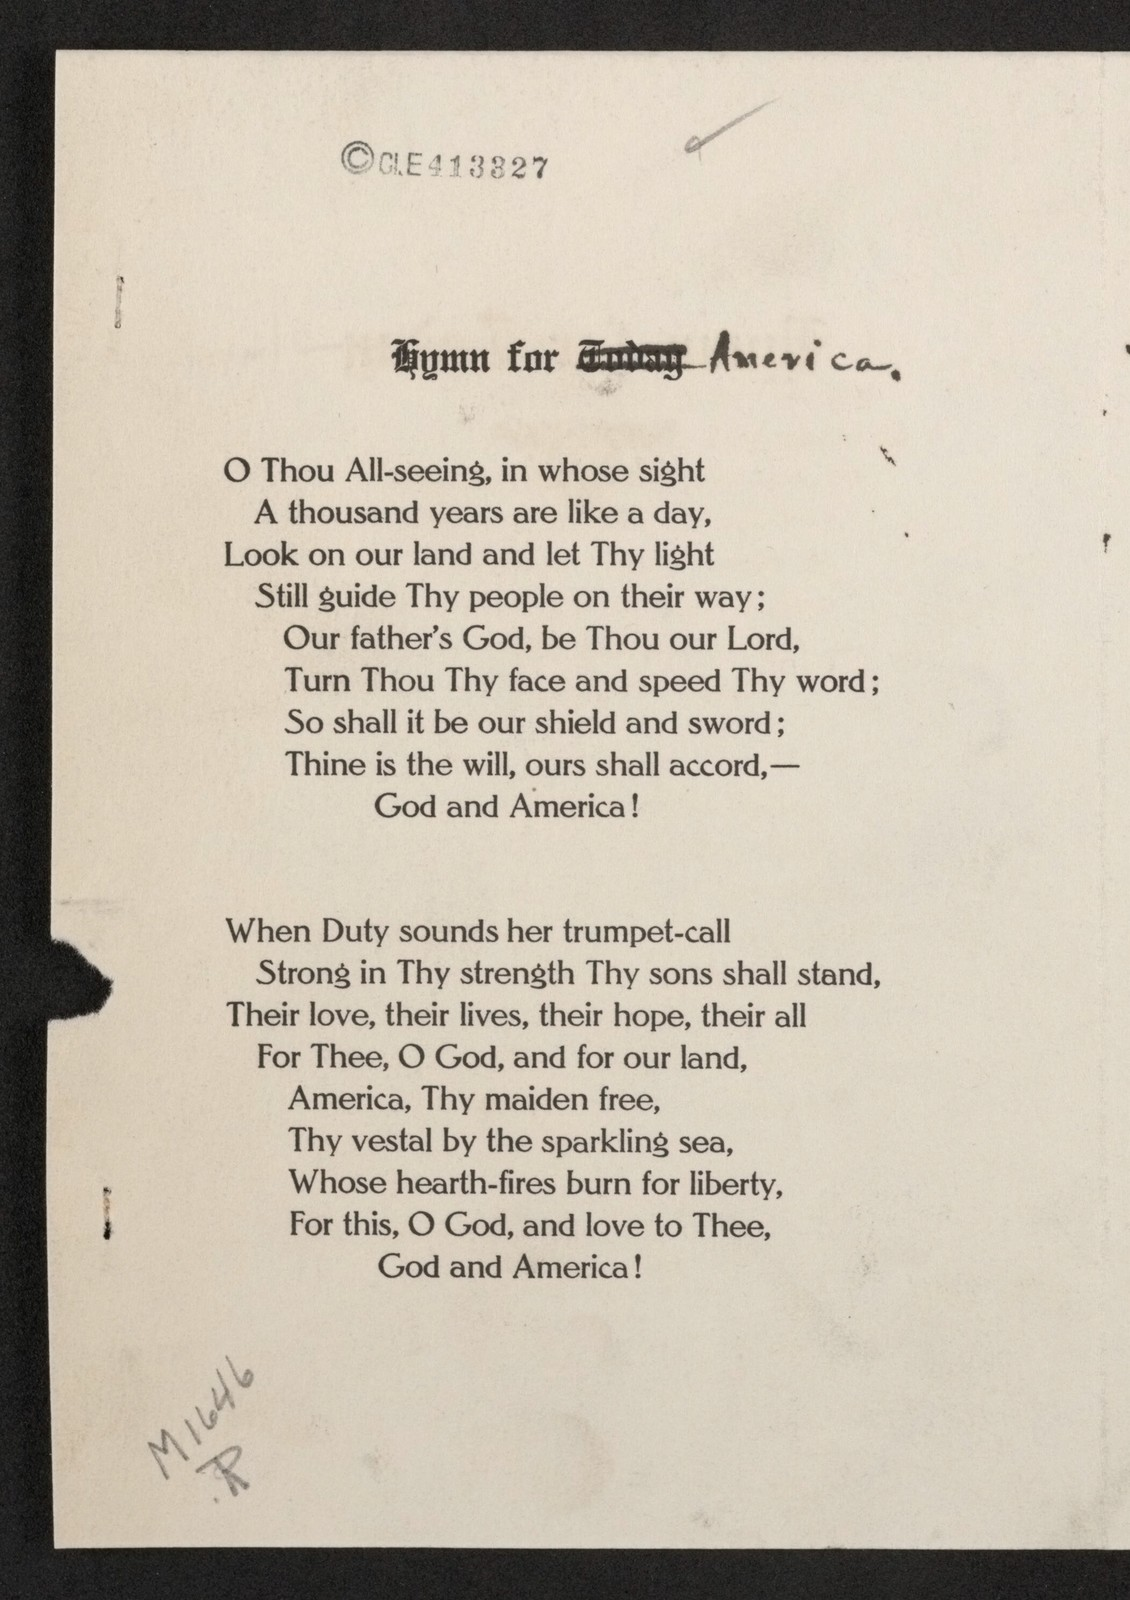 Hymn for America